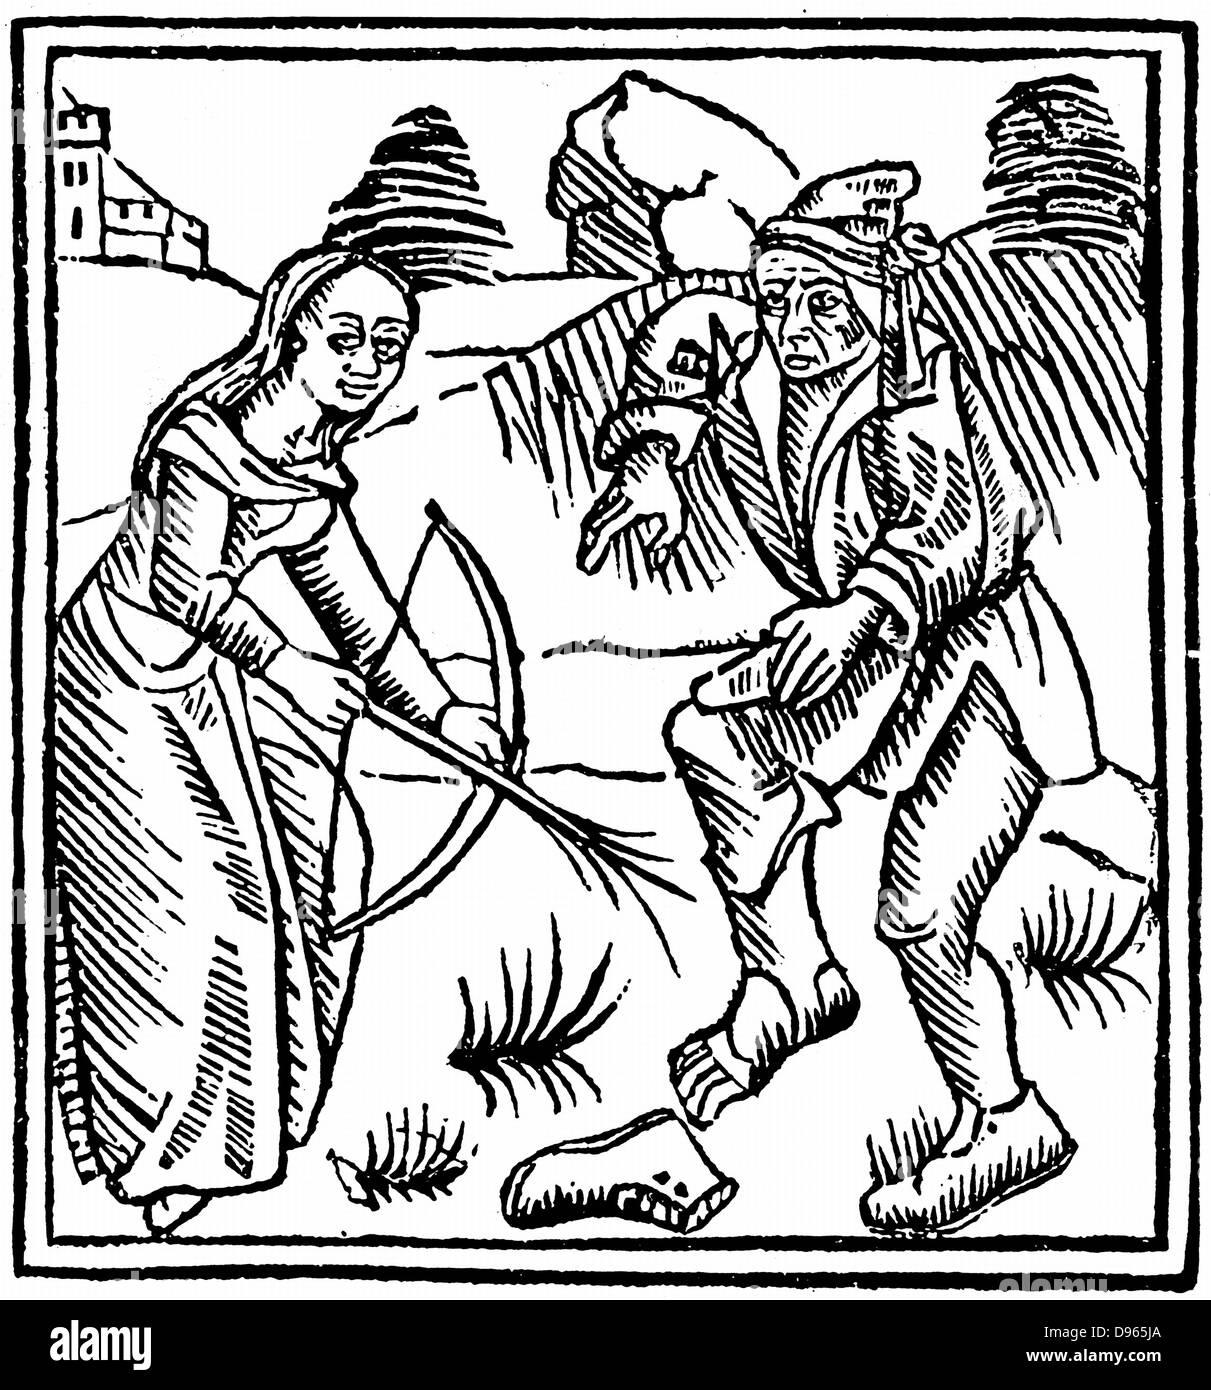 Strega la ripresa di un uomo in piedi con una freccia incantata fatta da una bacchetta di nocciolo. Da Ulrich Molitor Immagini Stock